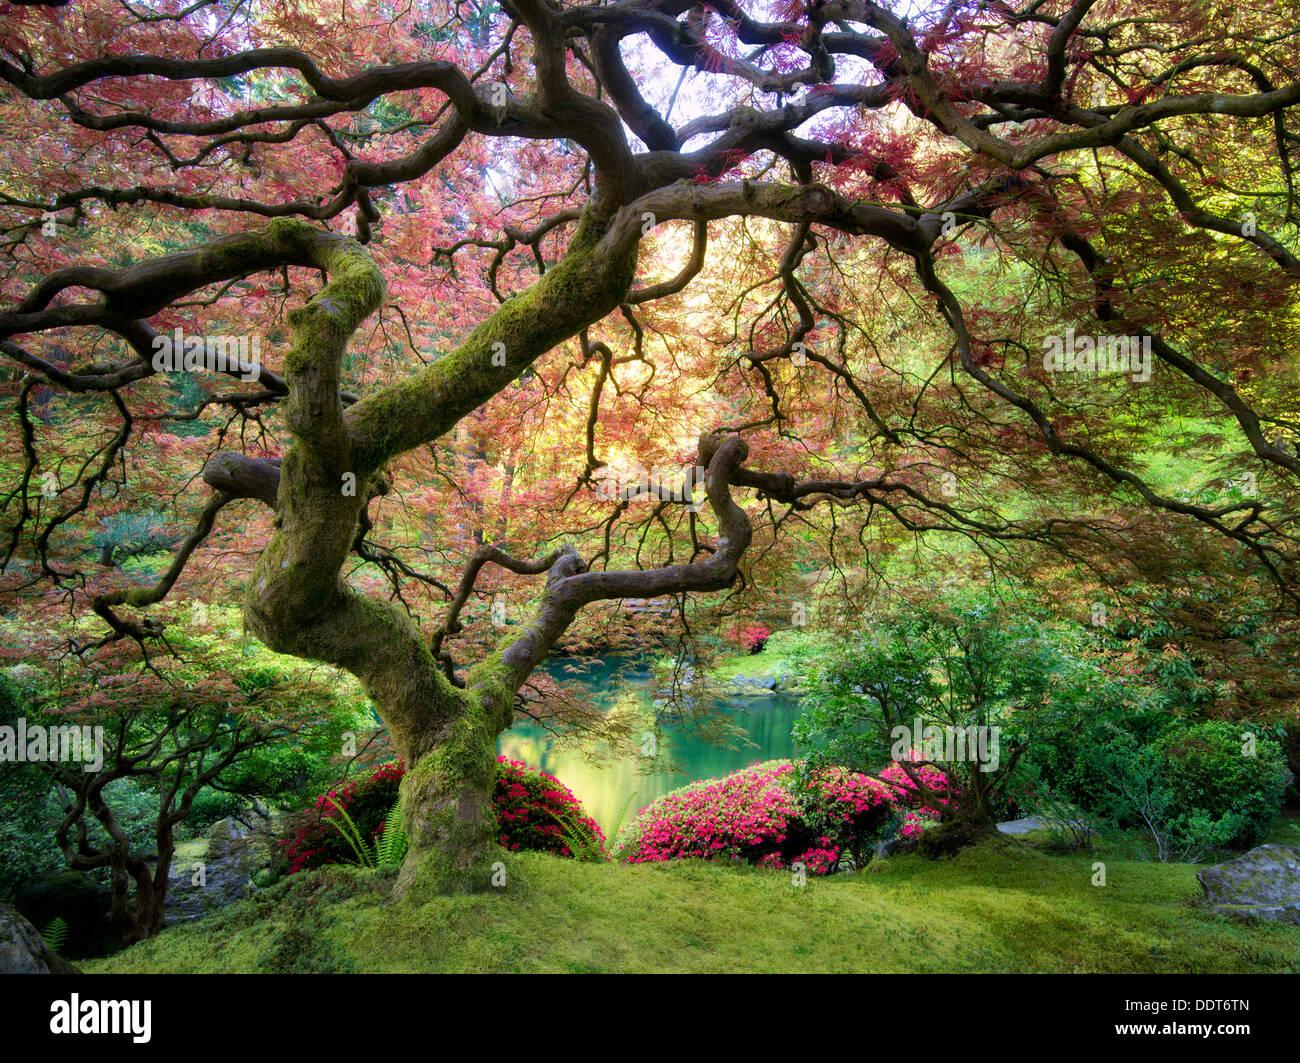 Giapponese di acero con una nuova crescita. Portland Giardino Giapponese, Oregon Immagini Stock